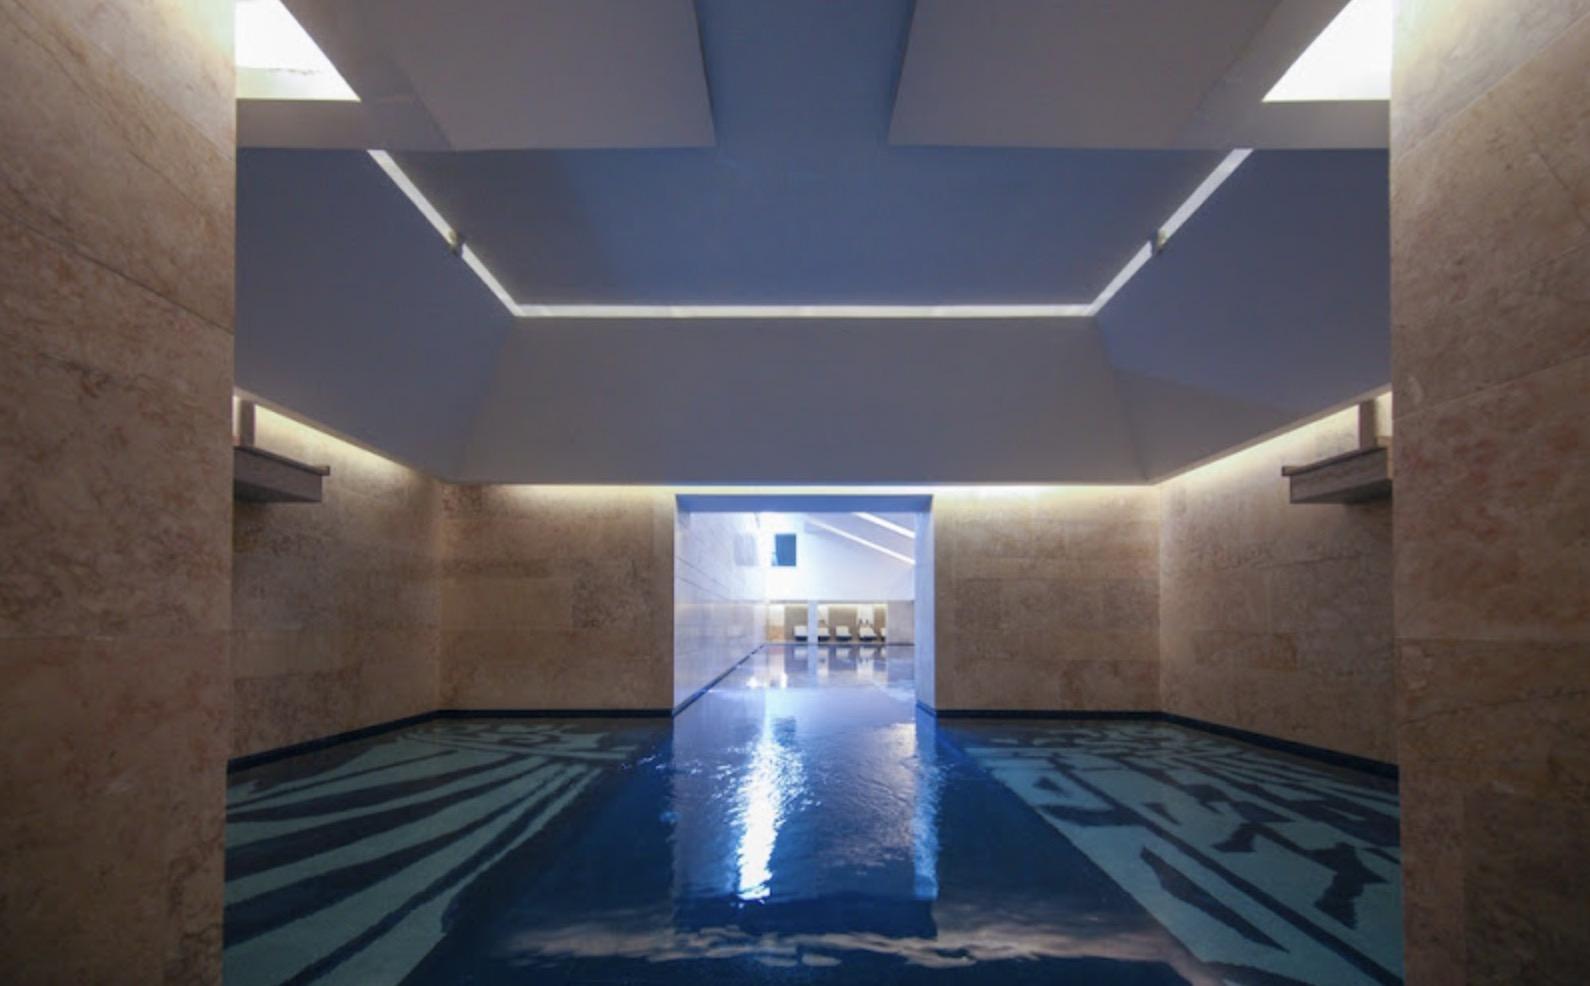 Palácio do Governador - Indoor Pool luxury spa hotels in Lisbon 2